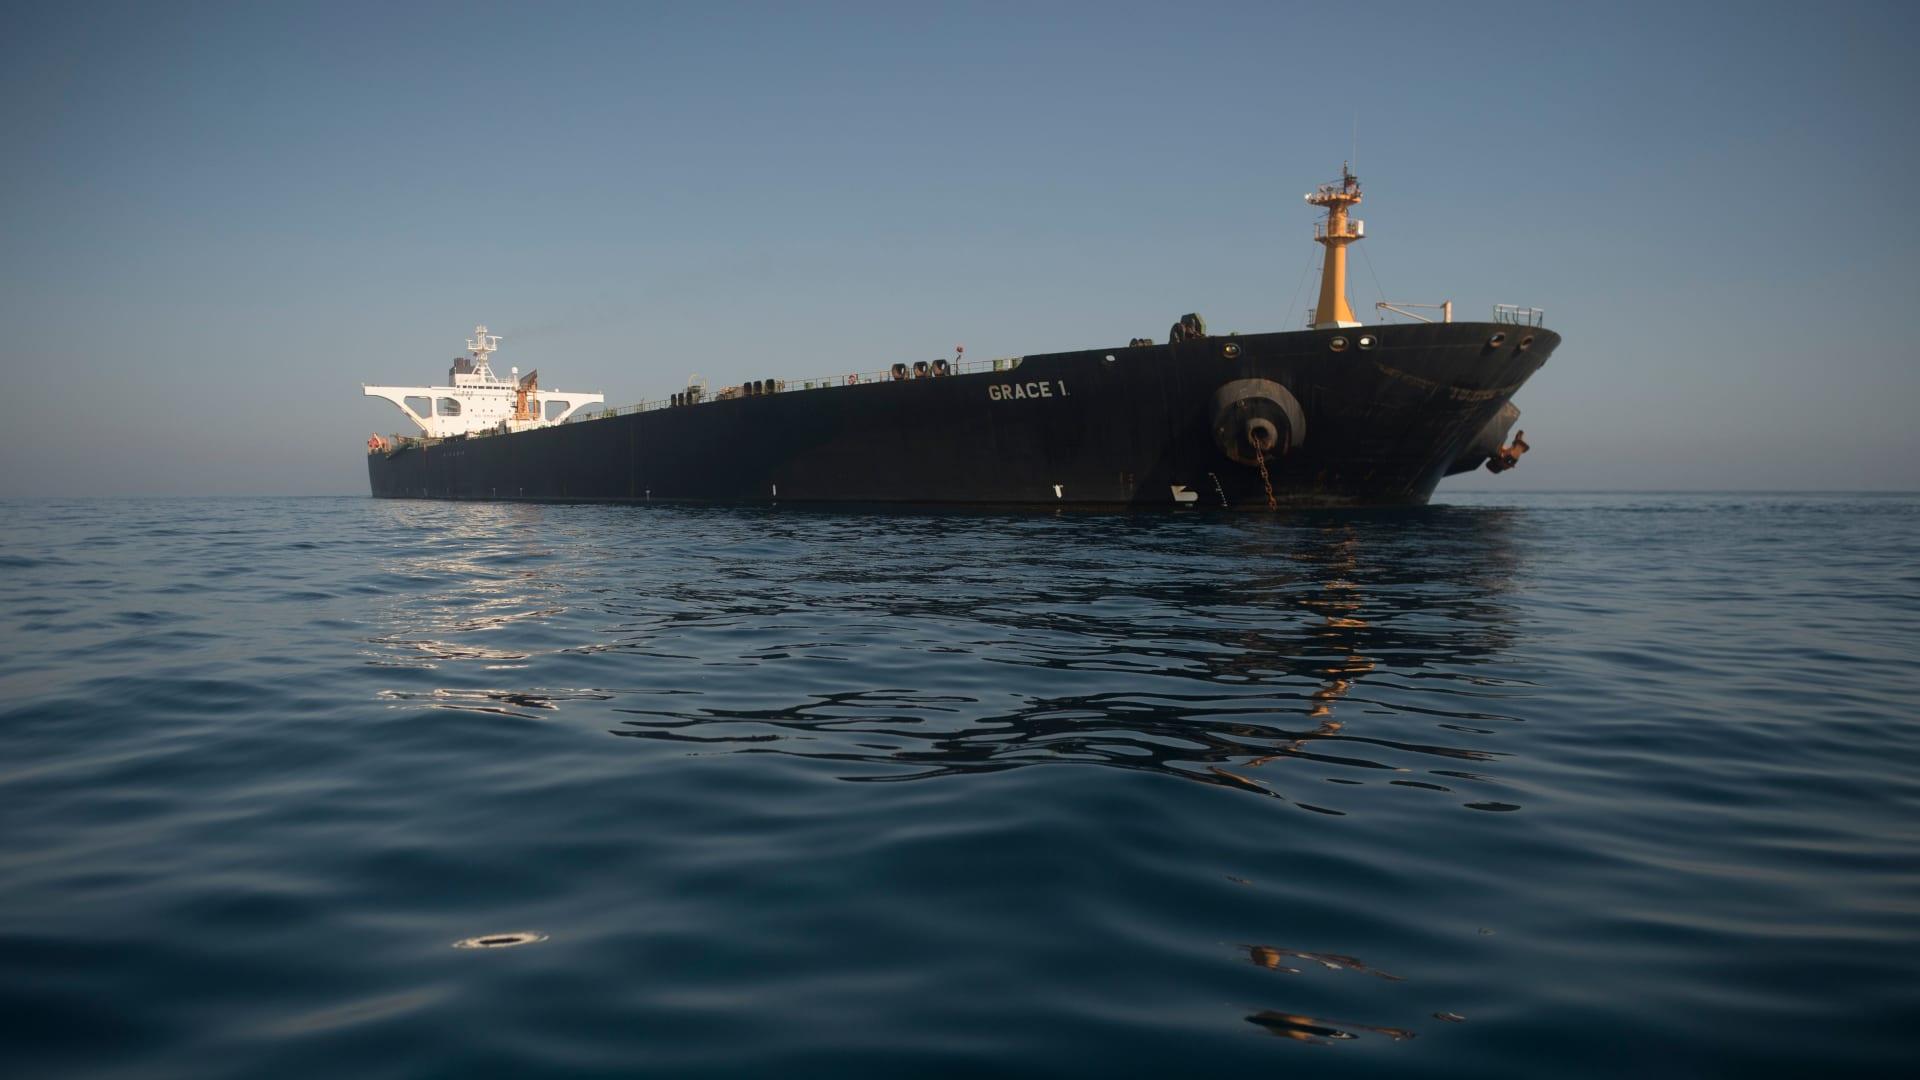 ناقلة نفط غريس 1 الإيرانية - صورة أرشيفية